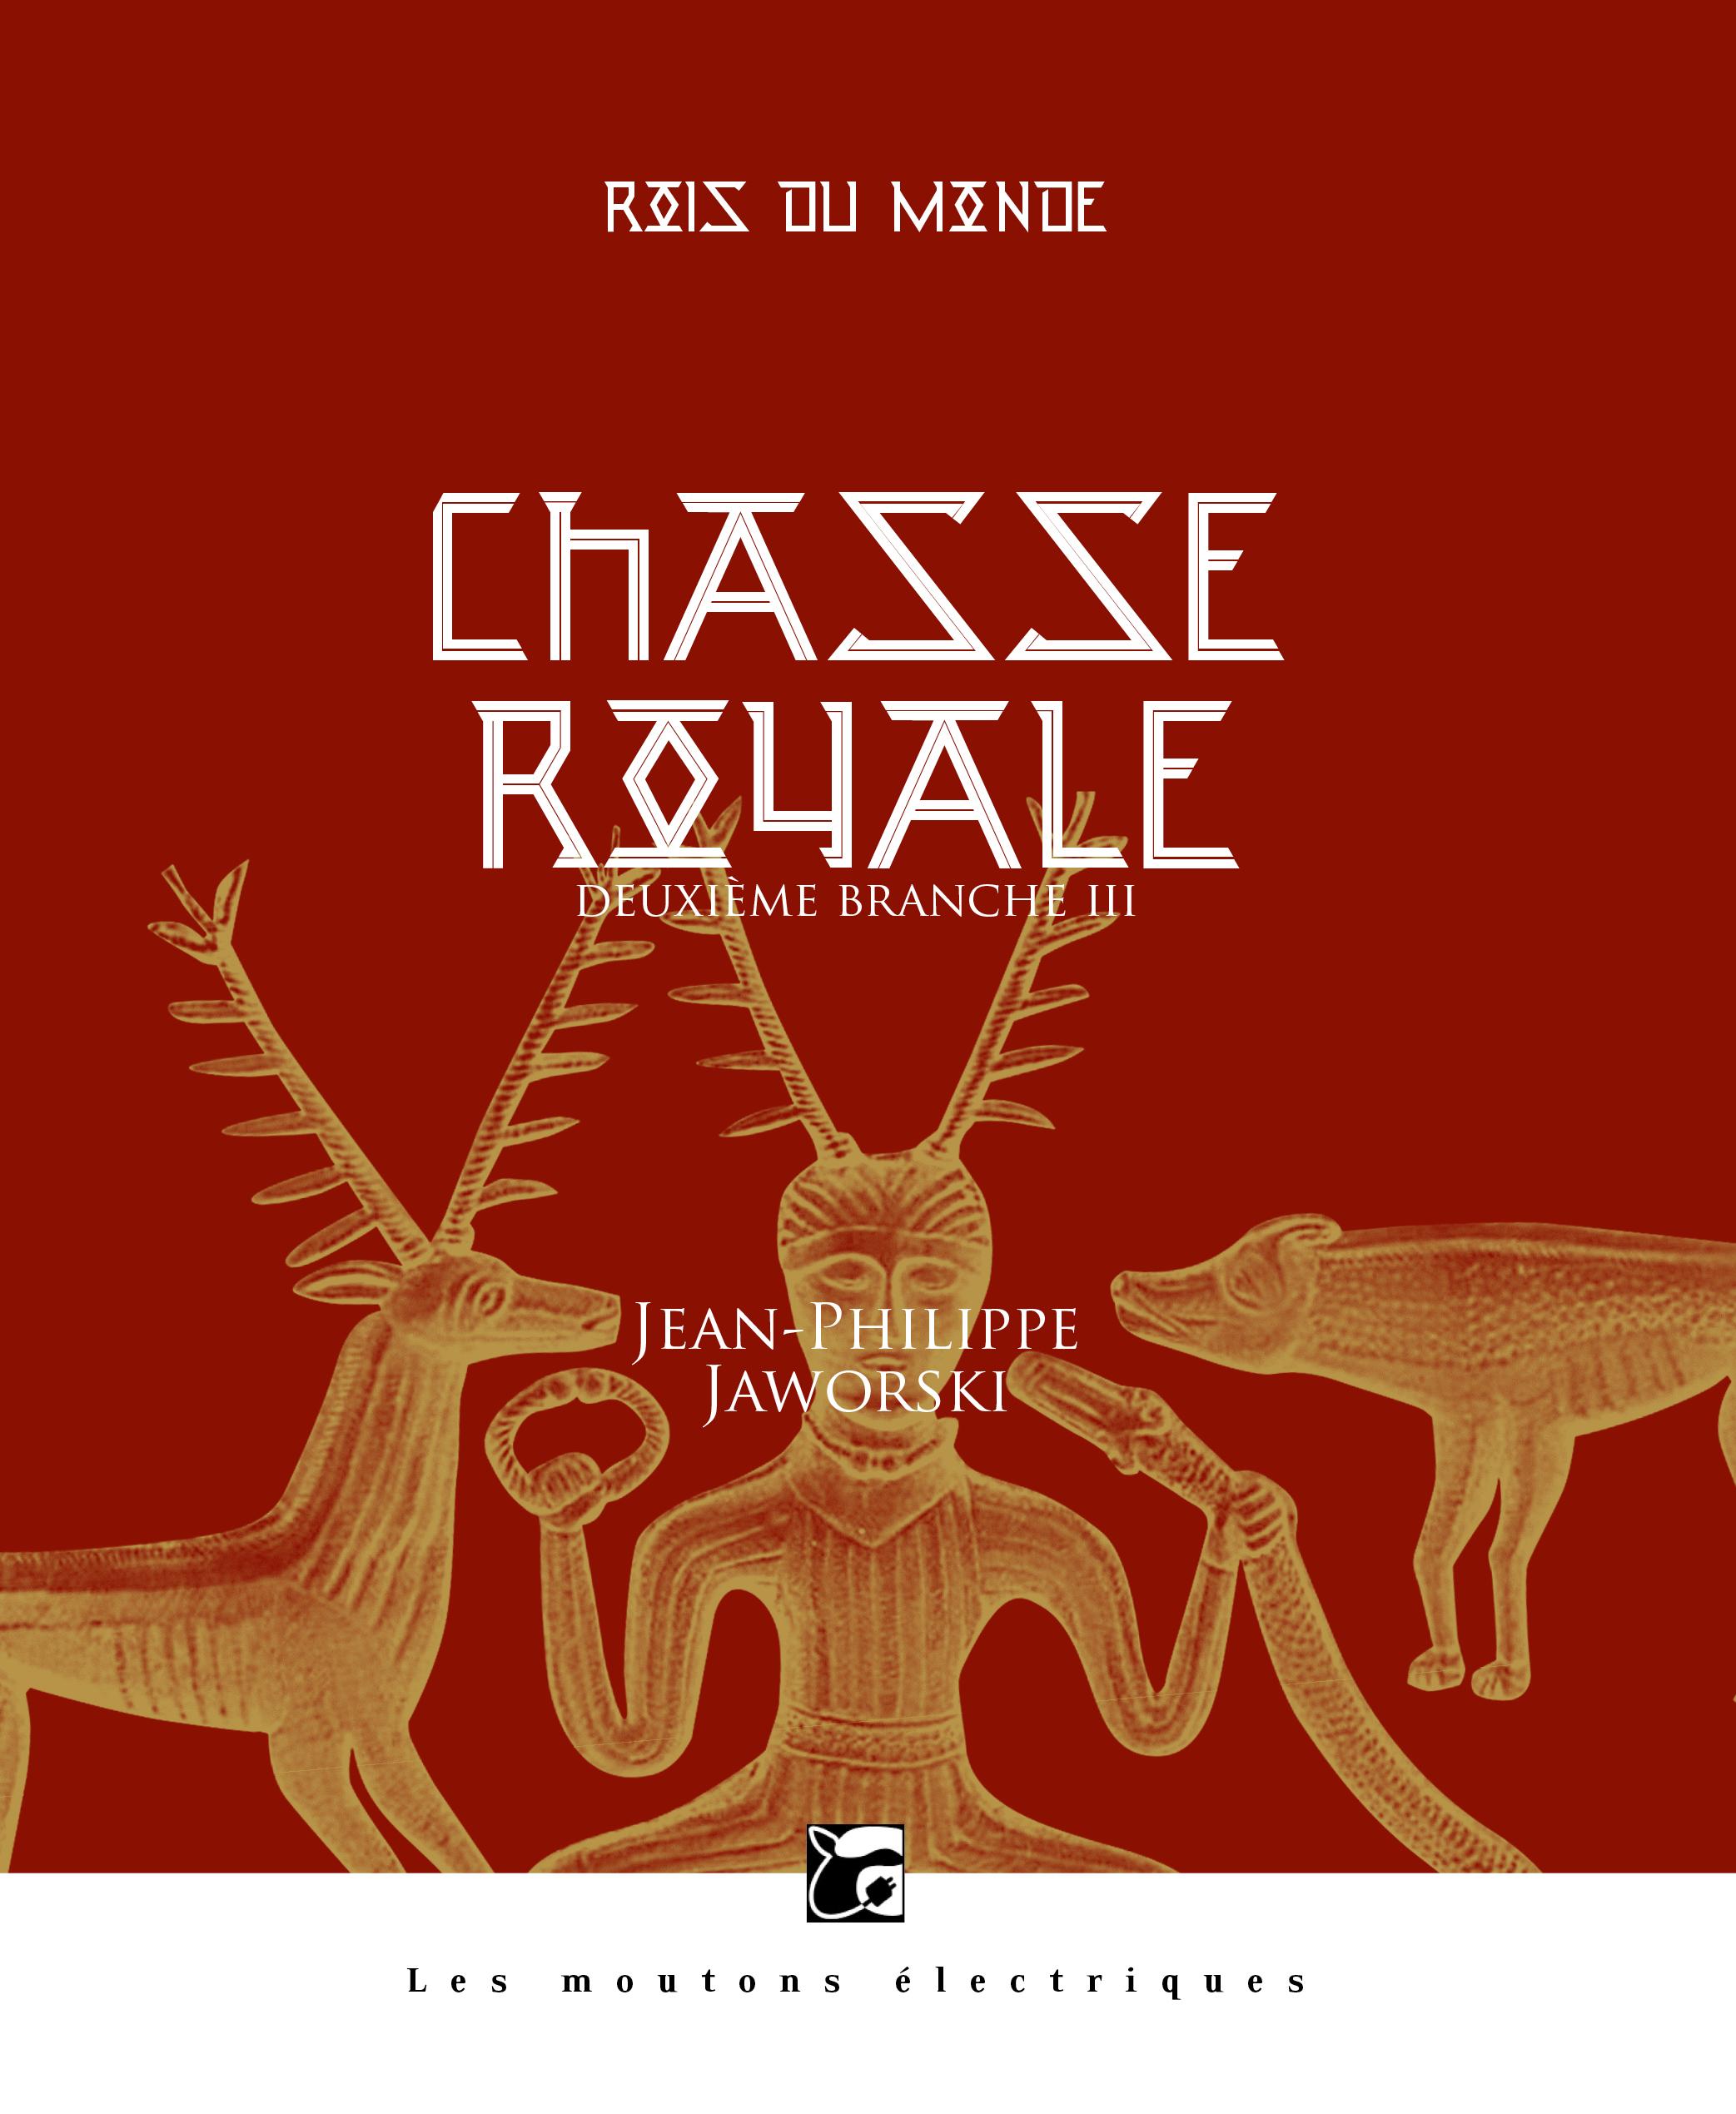 Chasse royale III